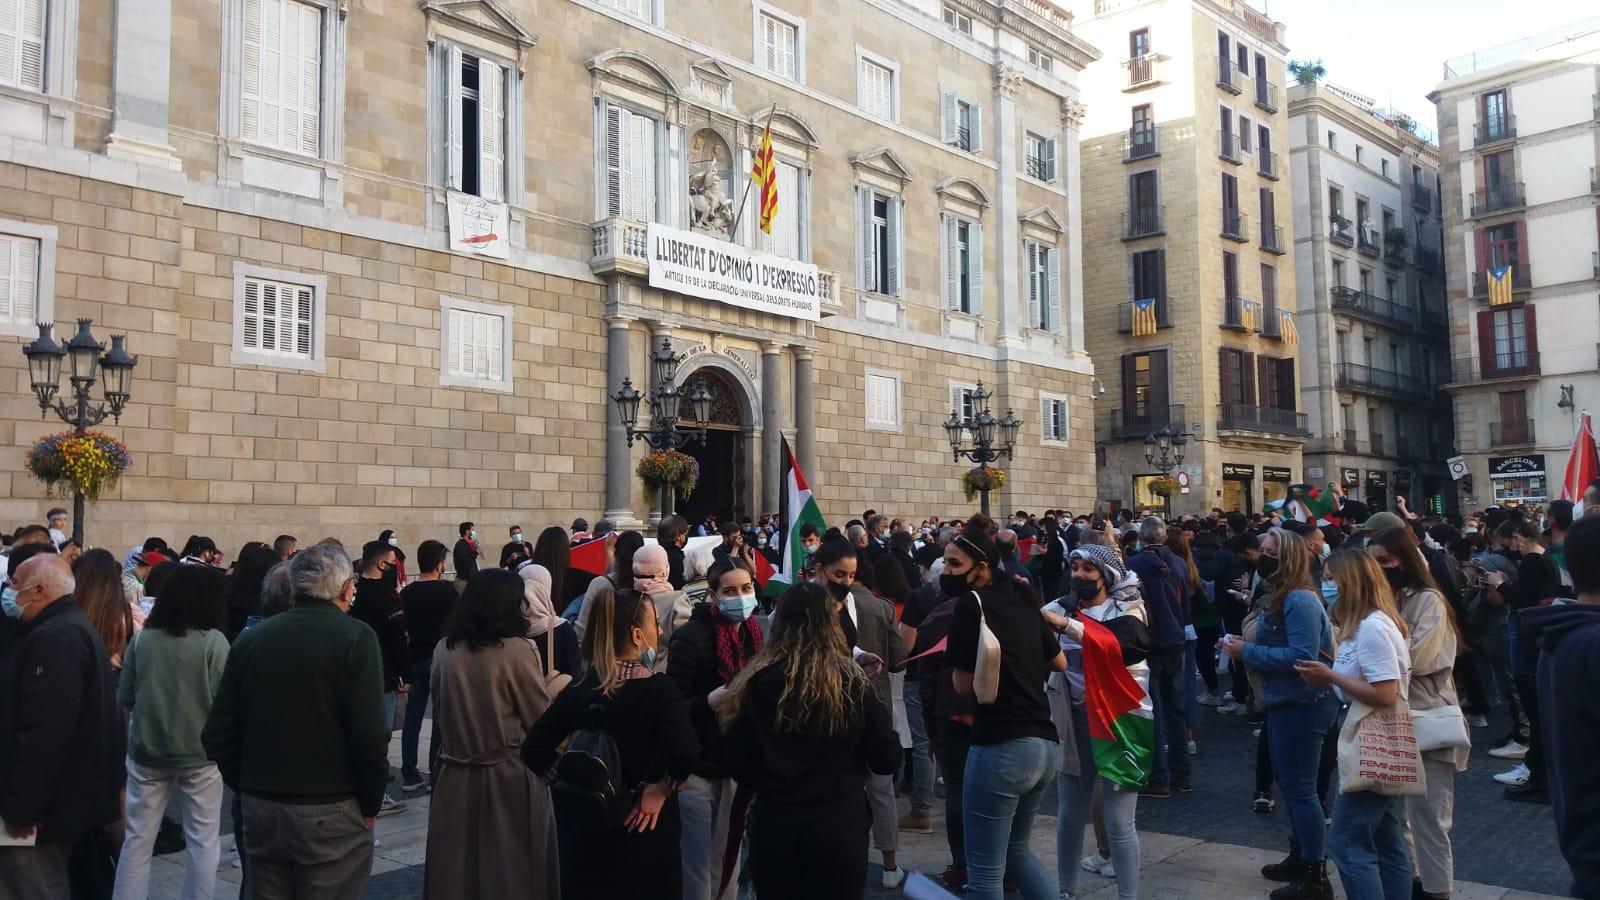 الجالية الفلسطينية في إسبانيا تنظم وقفة جماهيرية حاشدة في برشلونة دعما لحي الشيخ جراح ومدينة القدس المحتلة